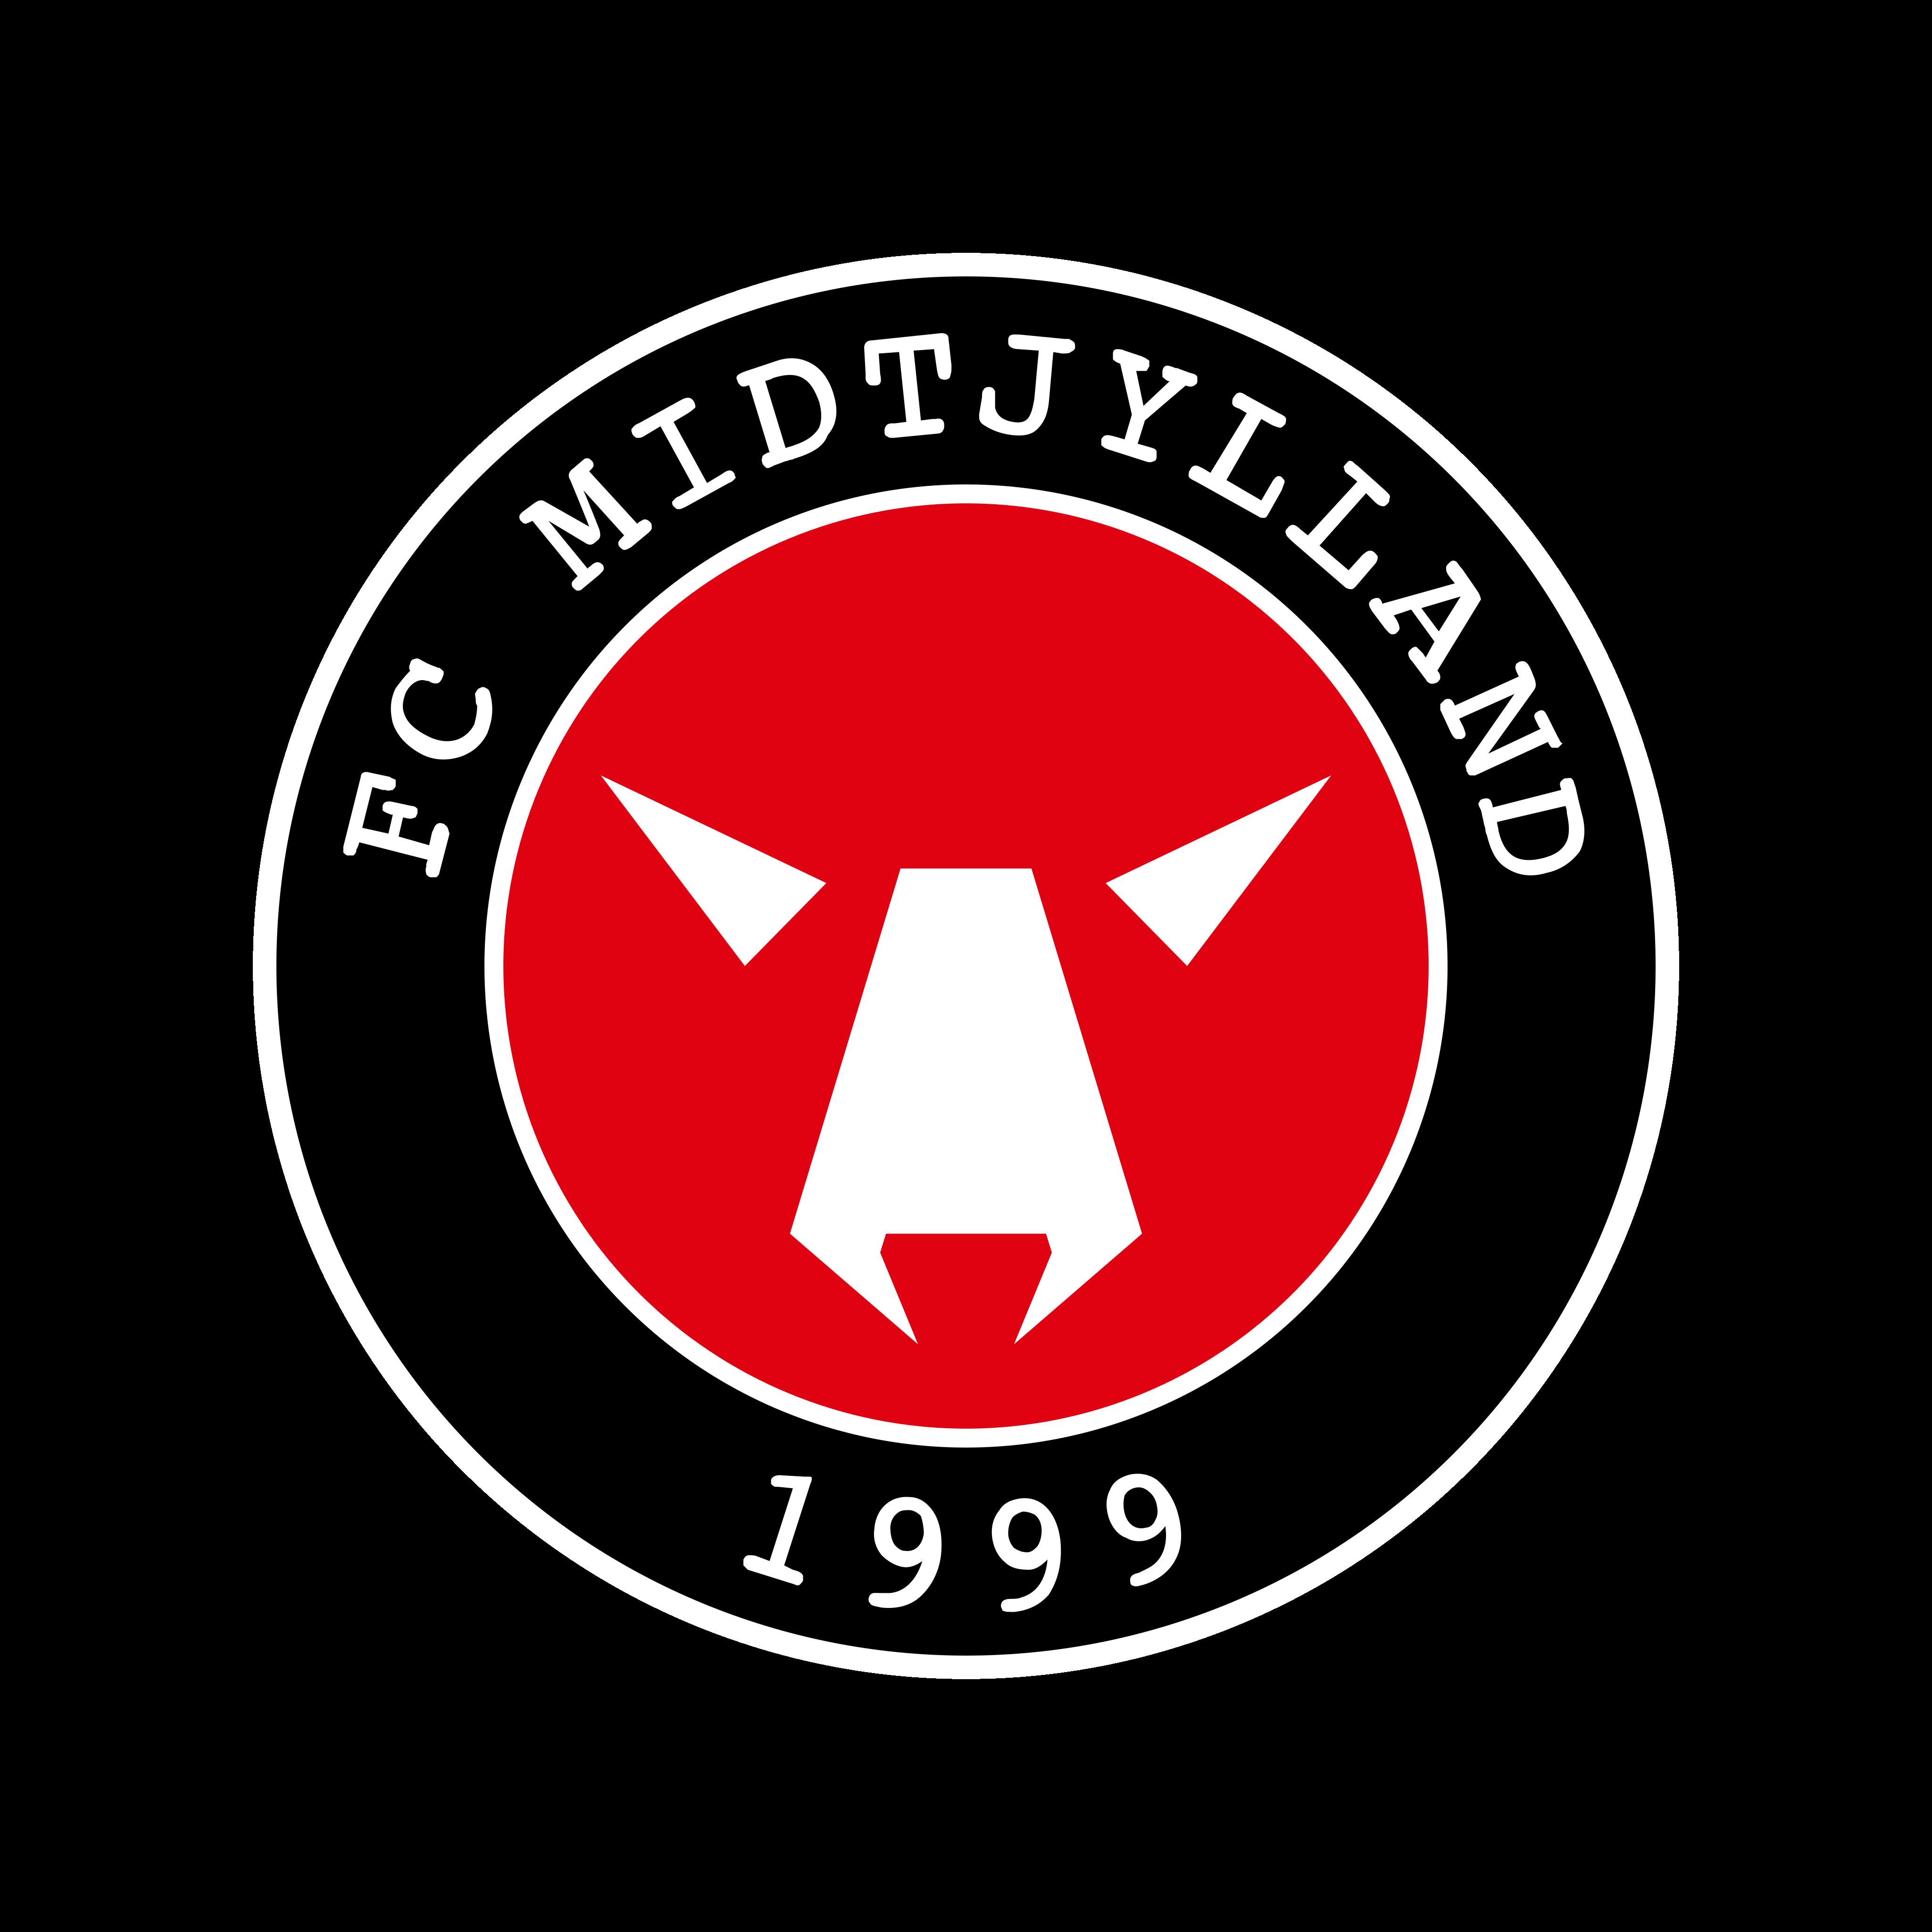 fc midtjylland logo 0 - FC Midtjylland Logo